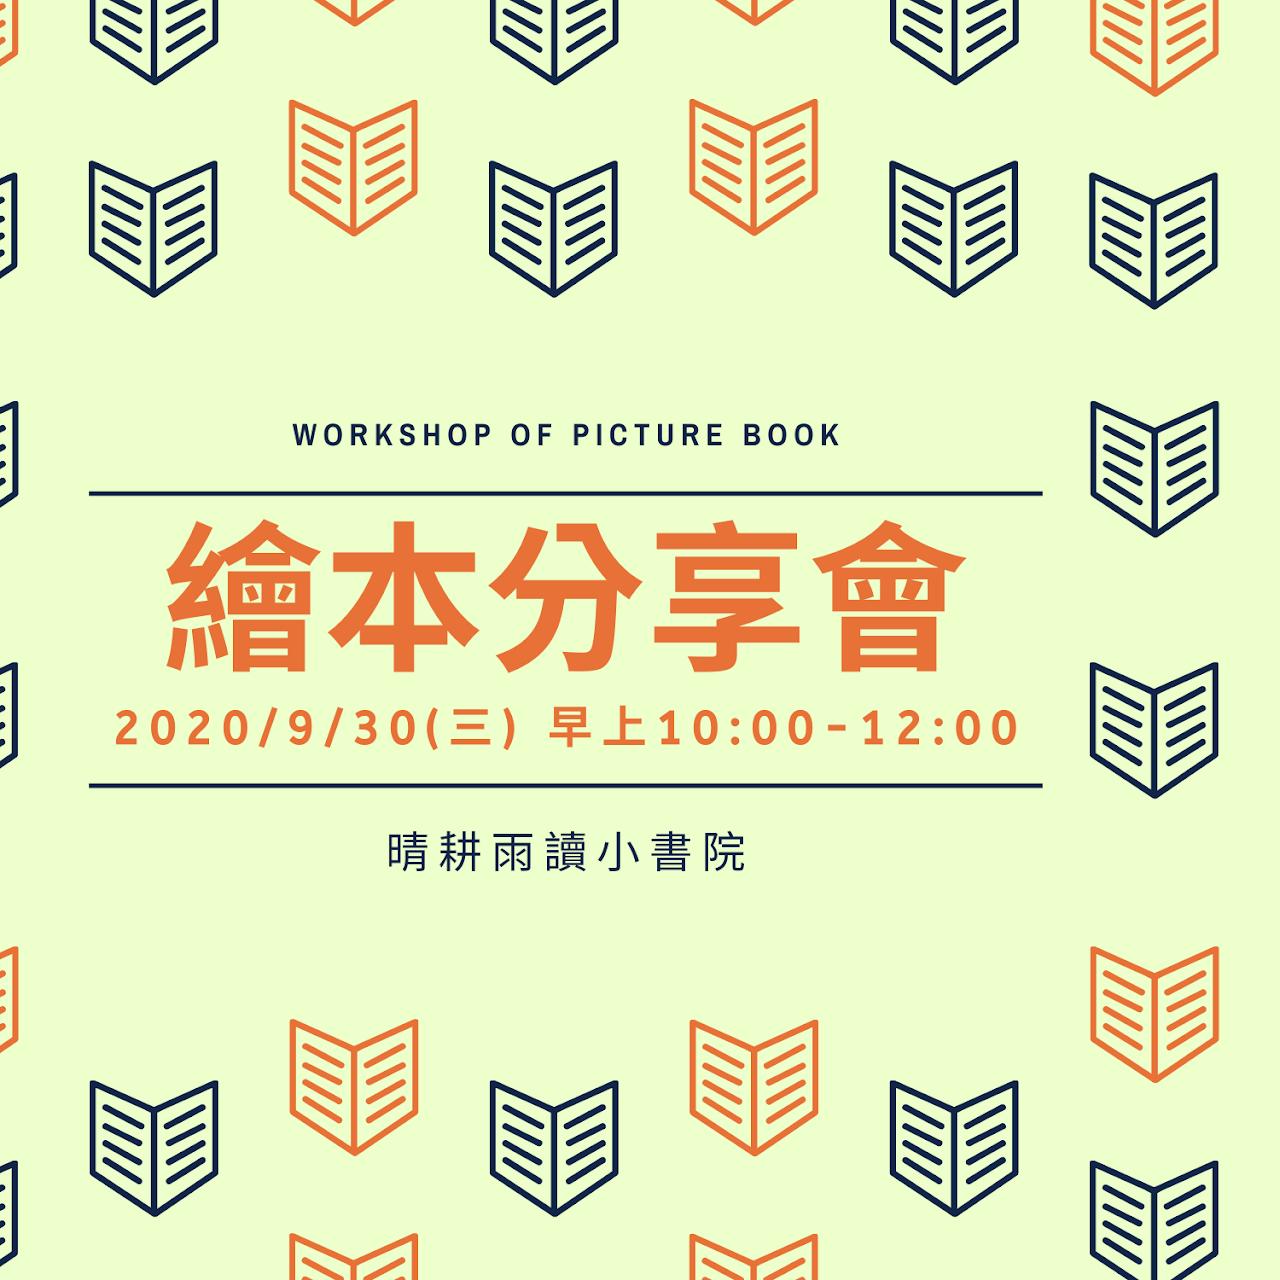 晴耕雨讀小書院 Readlander Lifestyle Bookstore - 書店